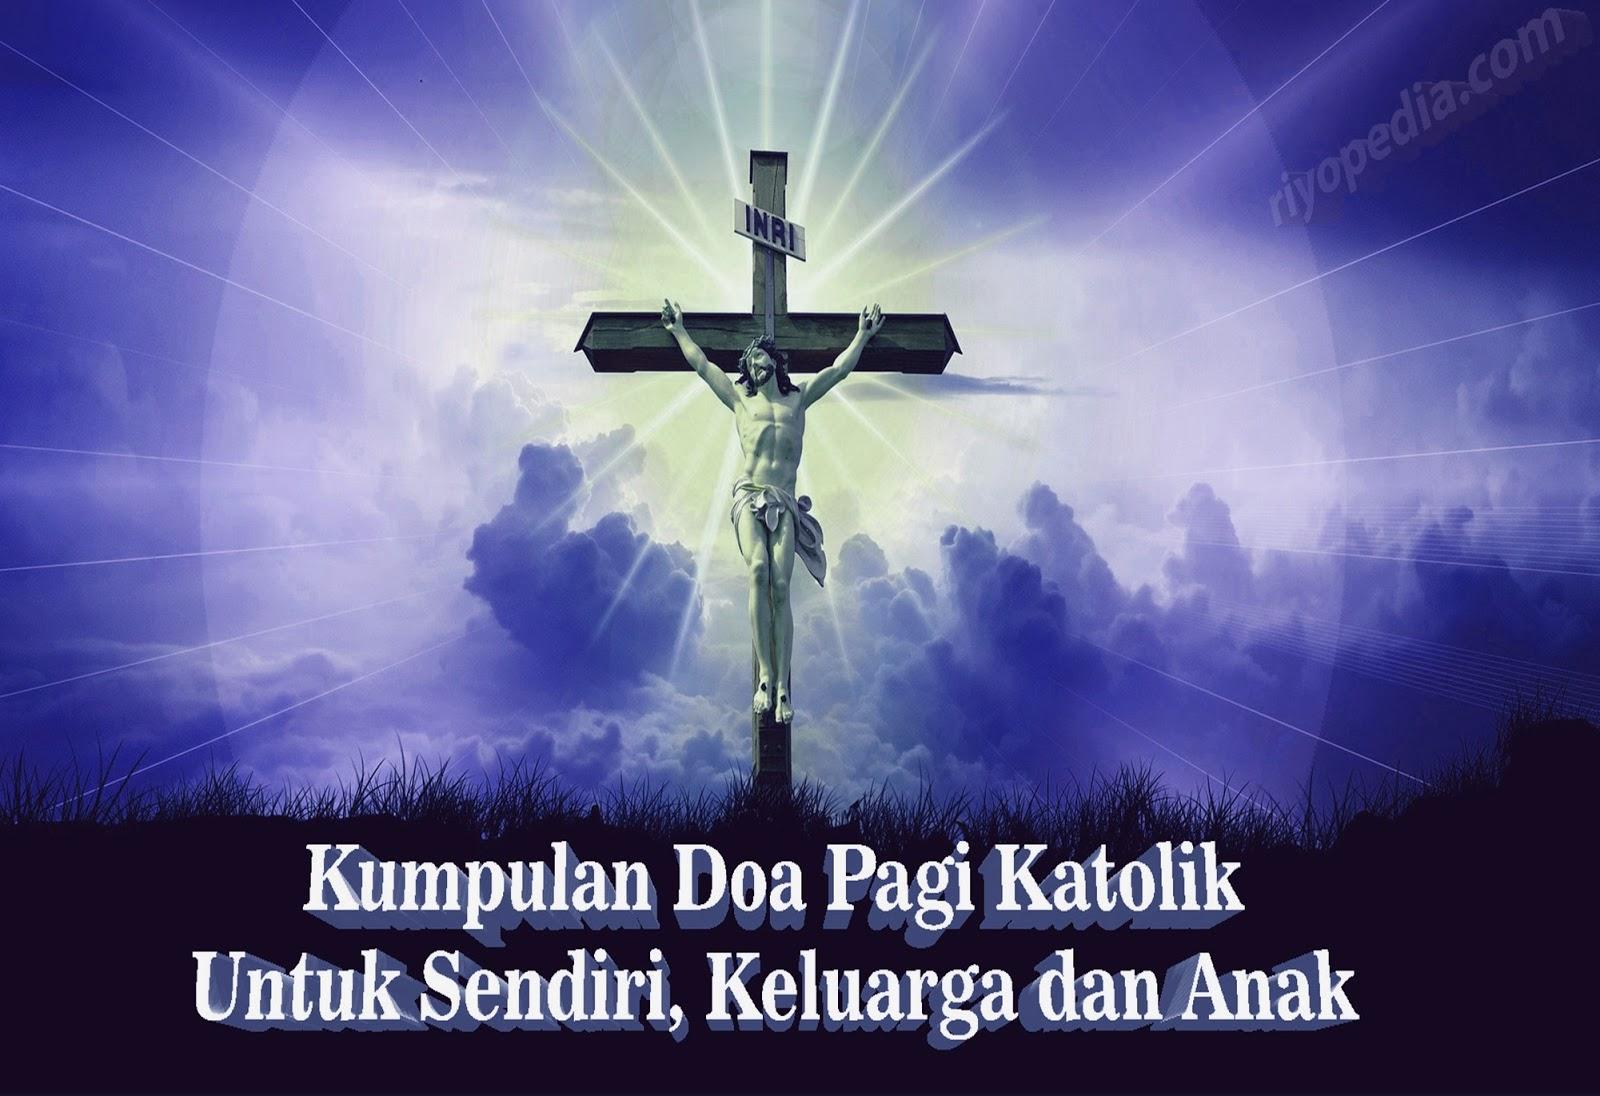 Kumpulan Doa Pagi Katolik Untuk Pribadi Keluarga Anak Dan Jam 3 Pagi